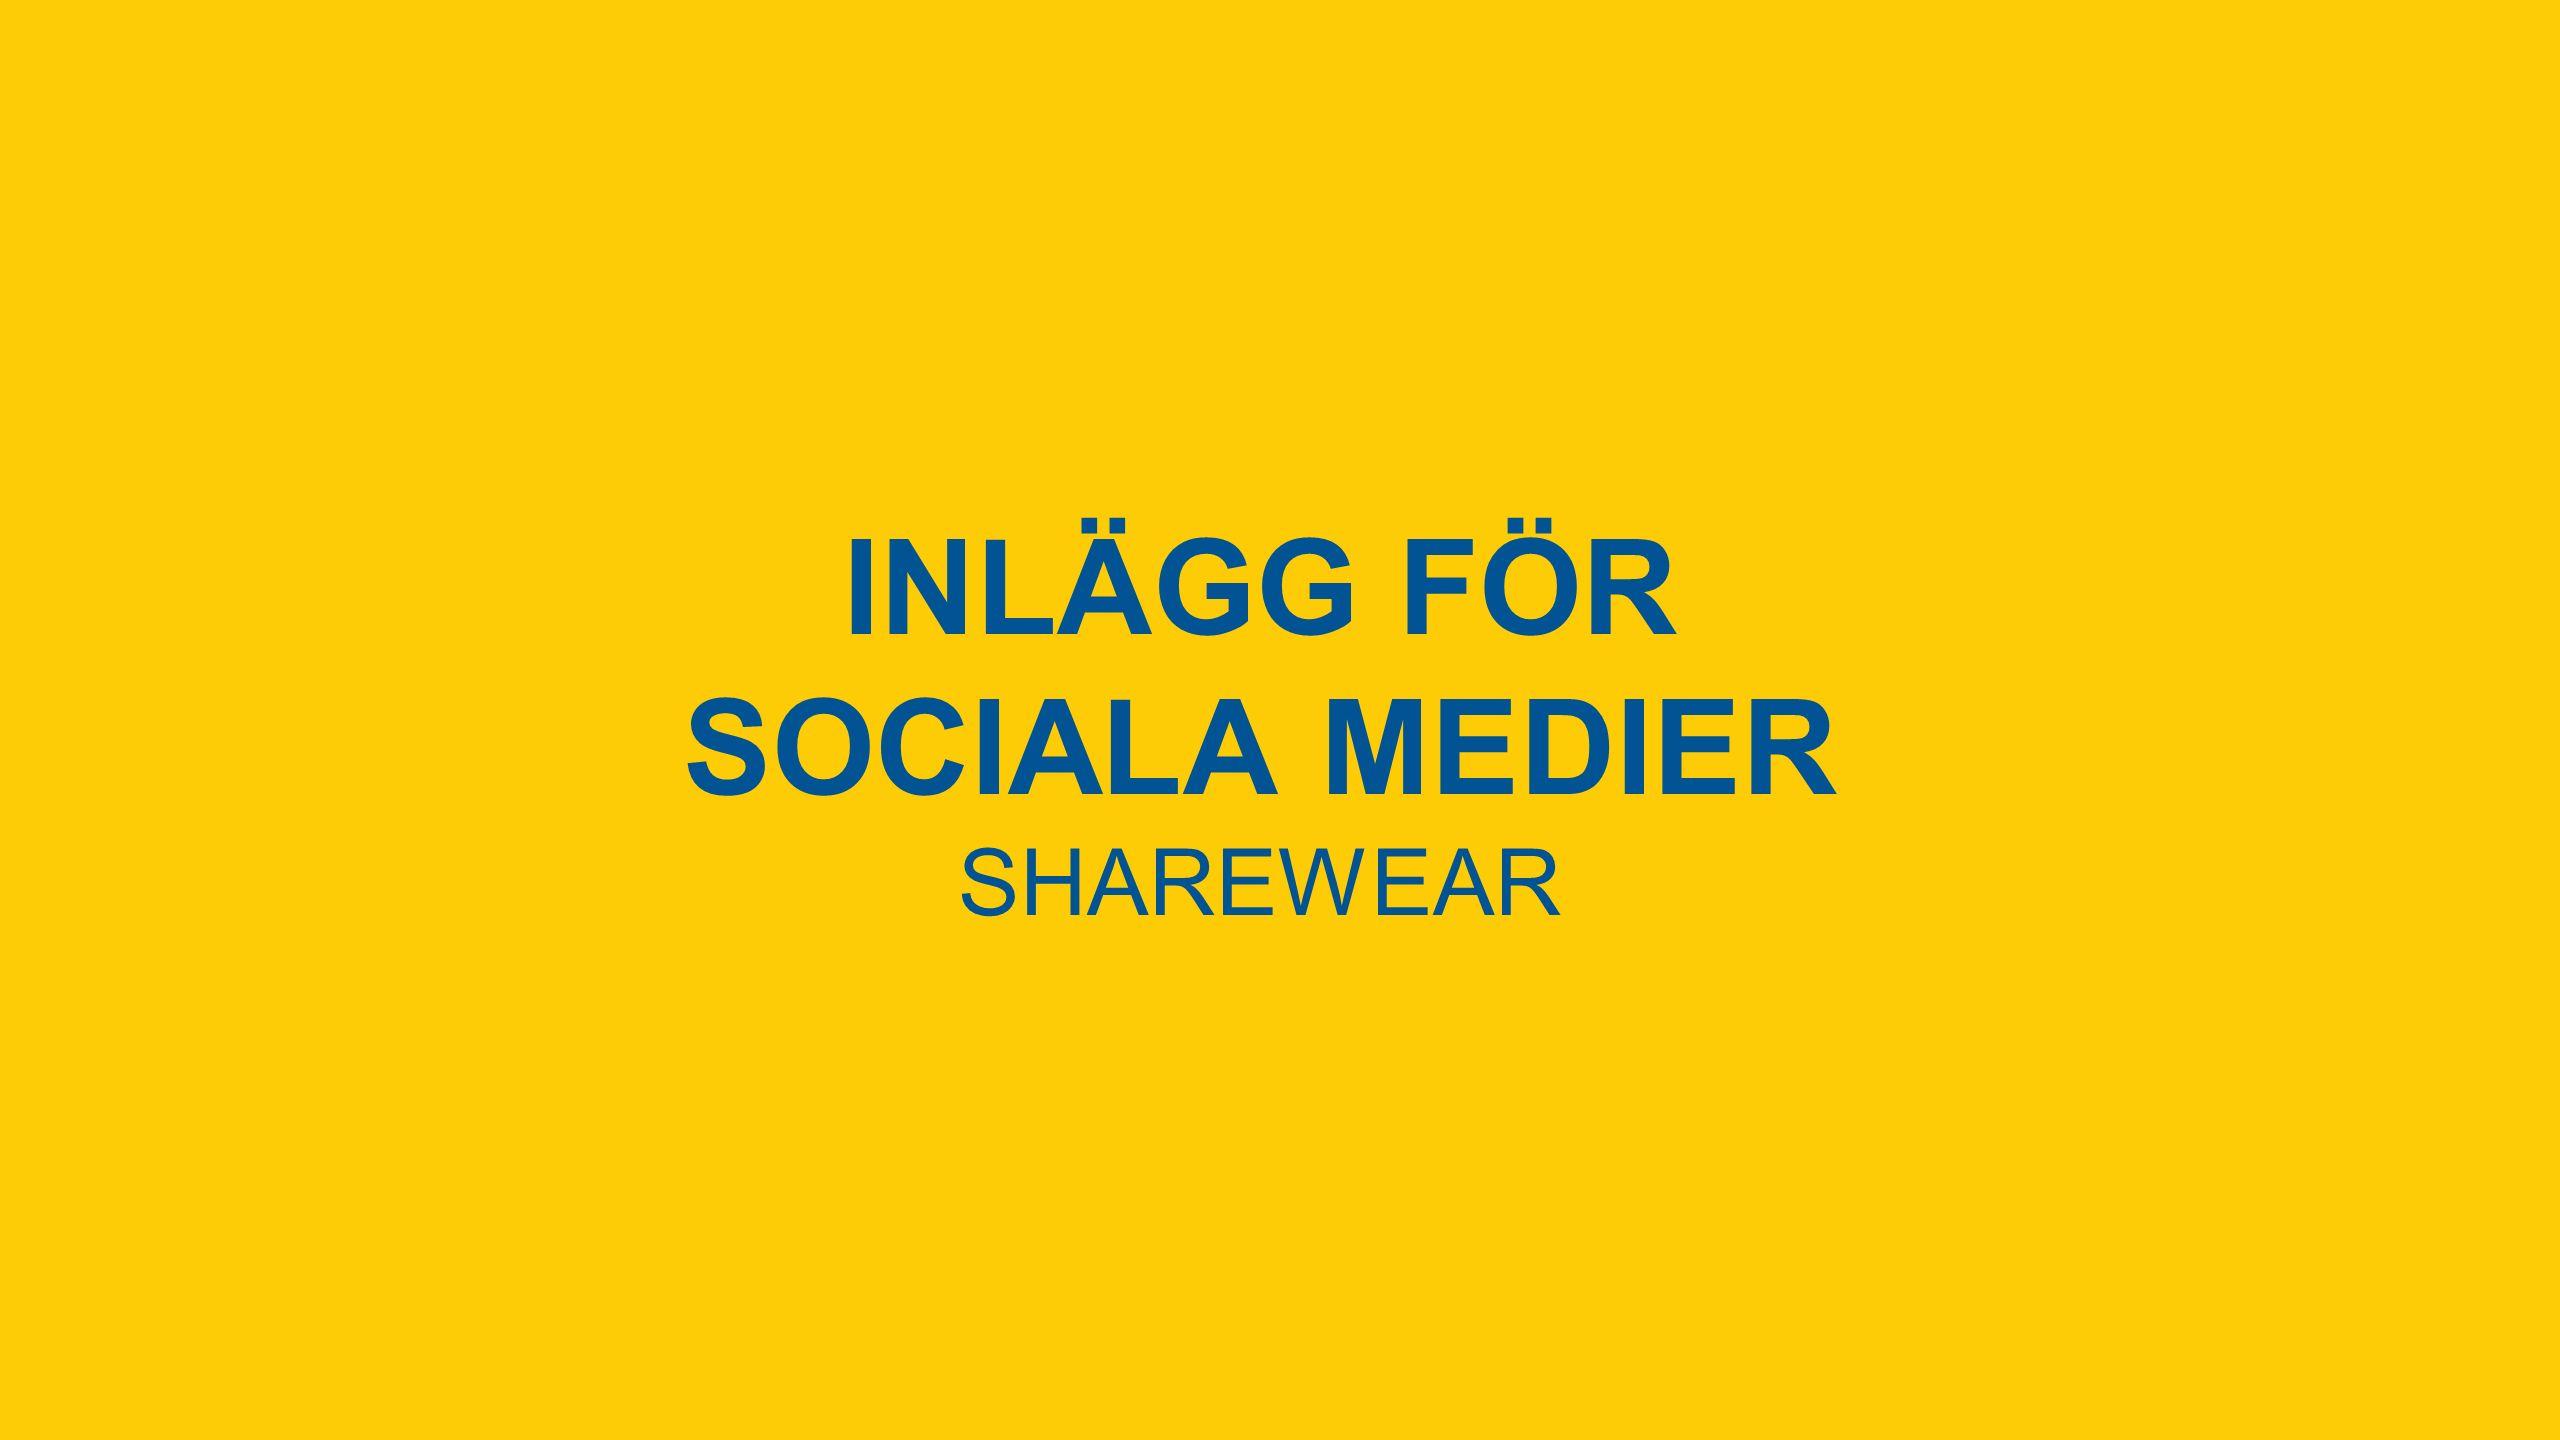 INLÄGG FÖR SOCIALA MEDIER SHAREWEAR